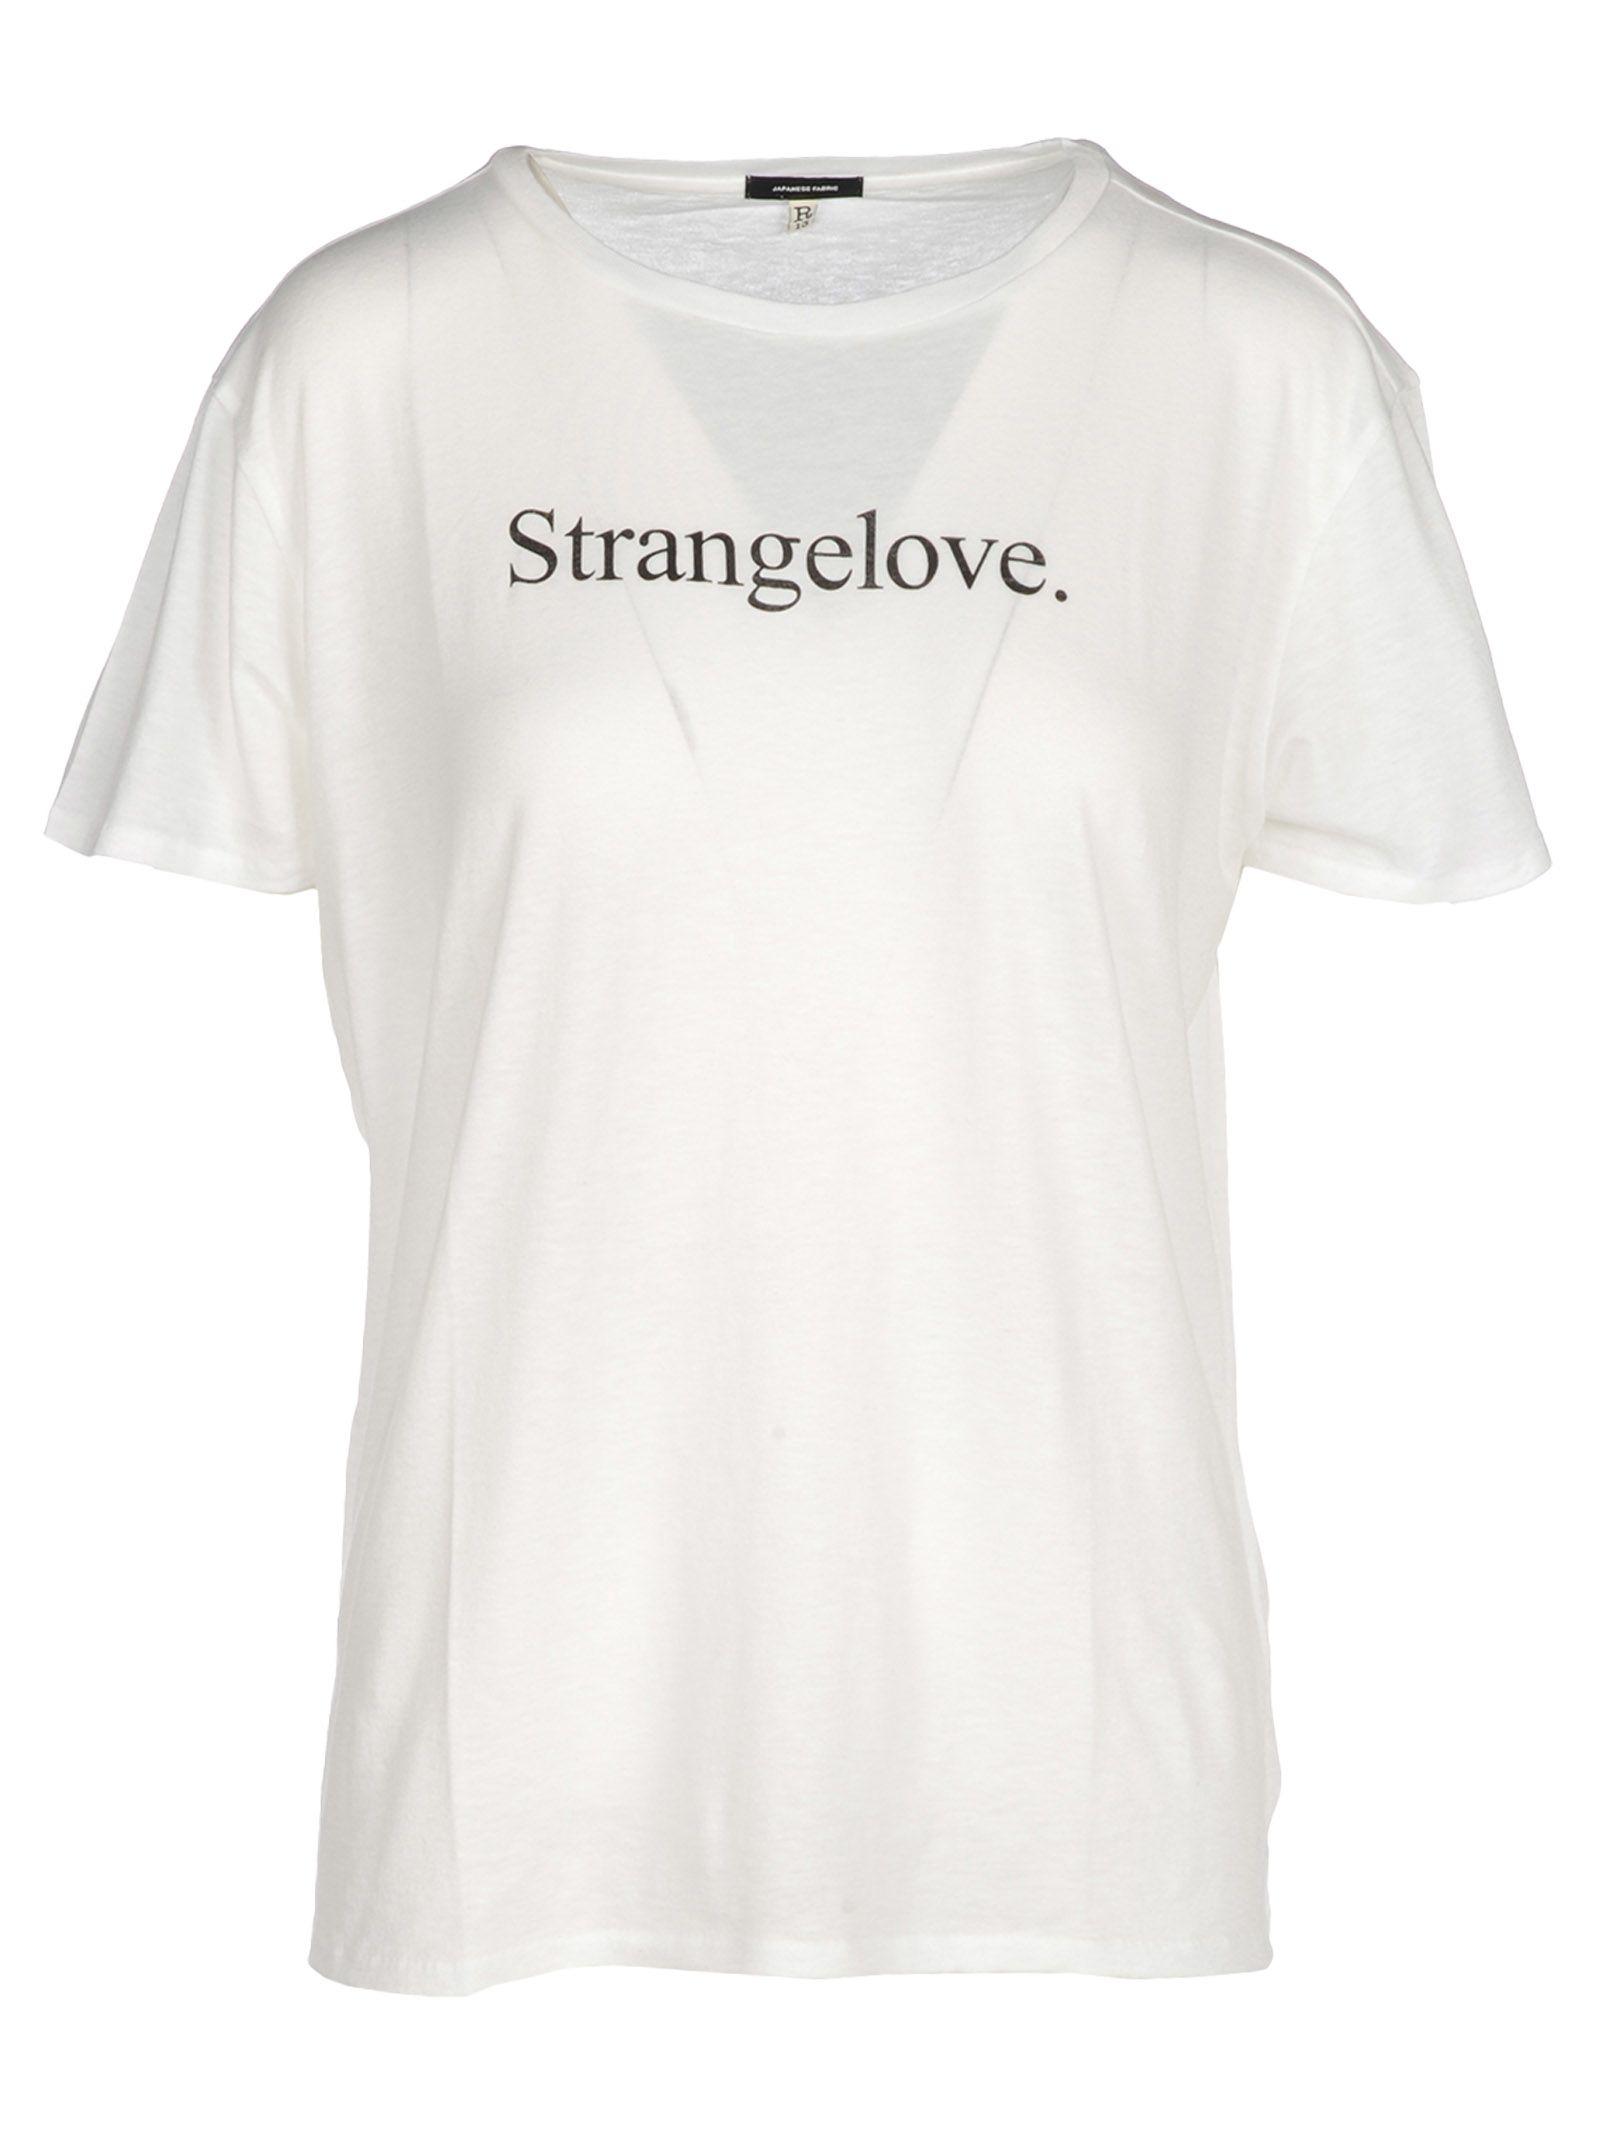 TSHIRT STRANGER LOVE